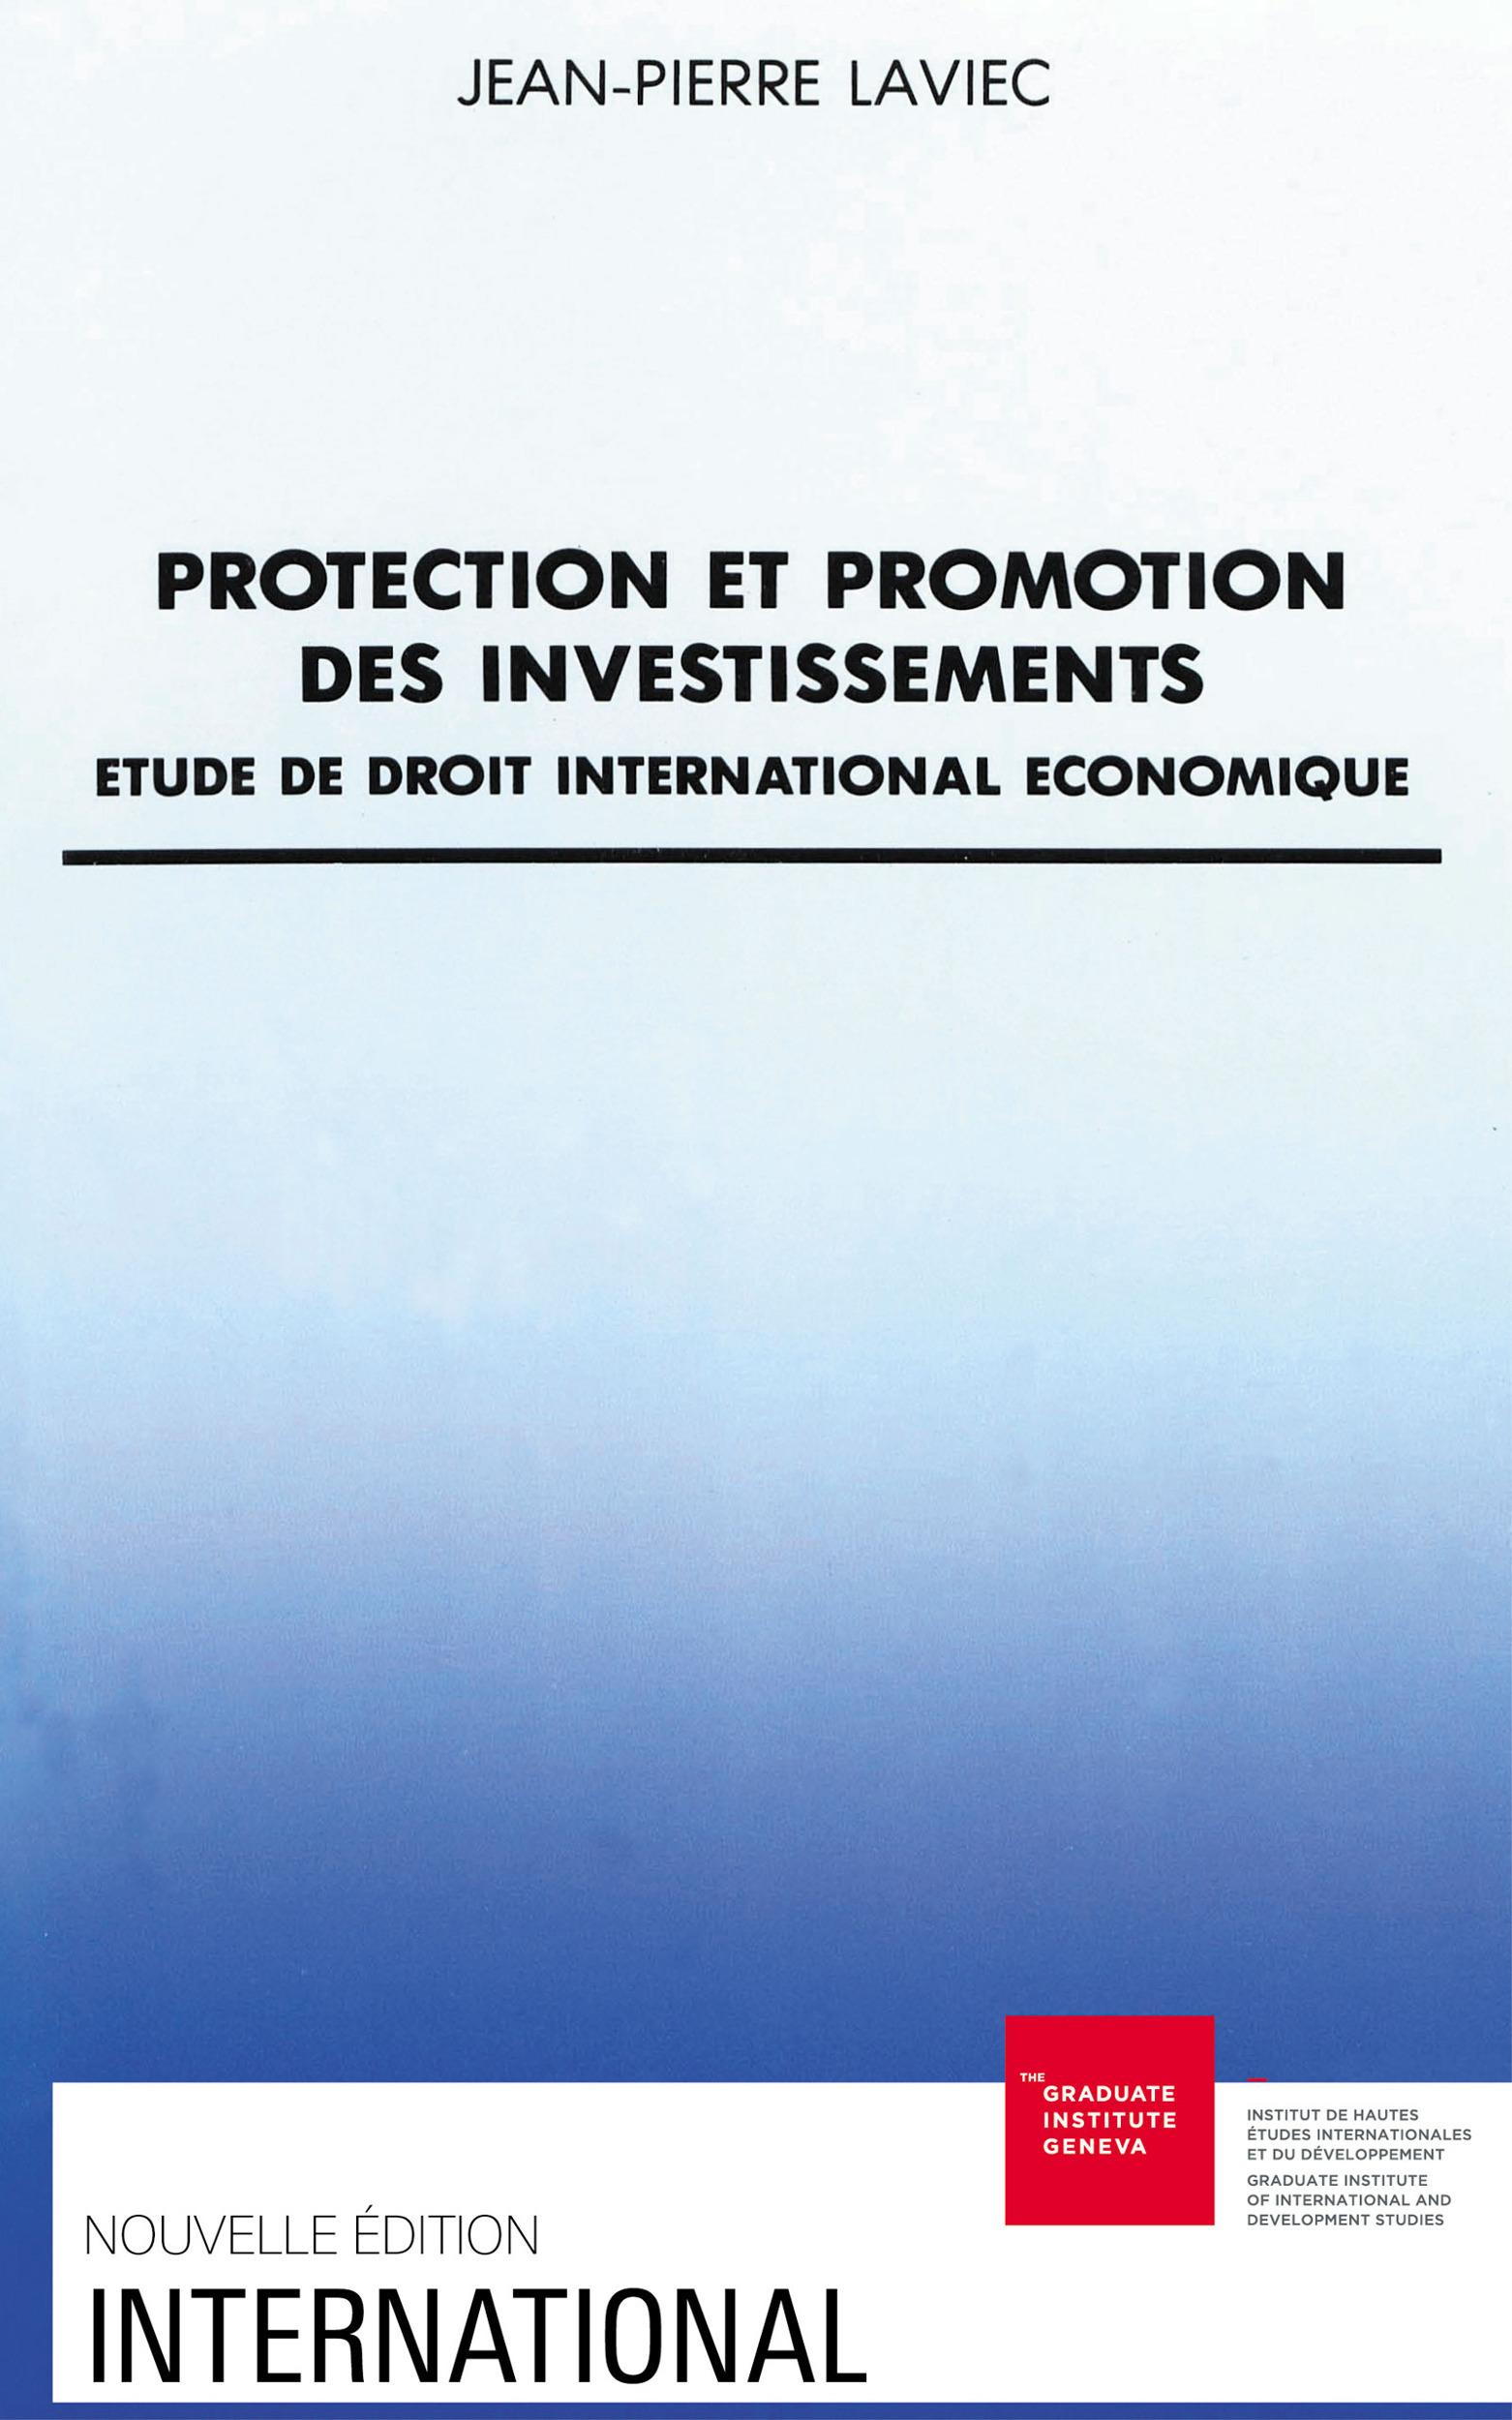 Protection et promotion des investissements . etude de droit internat ional economique